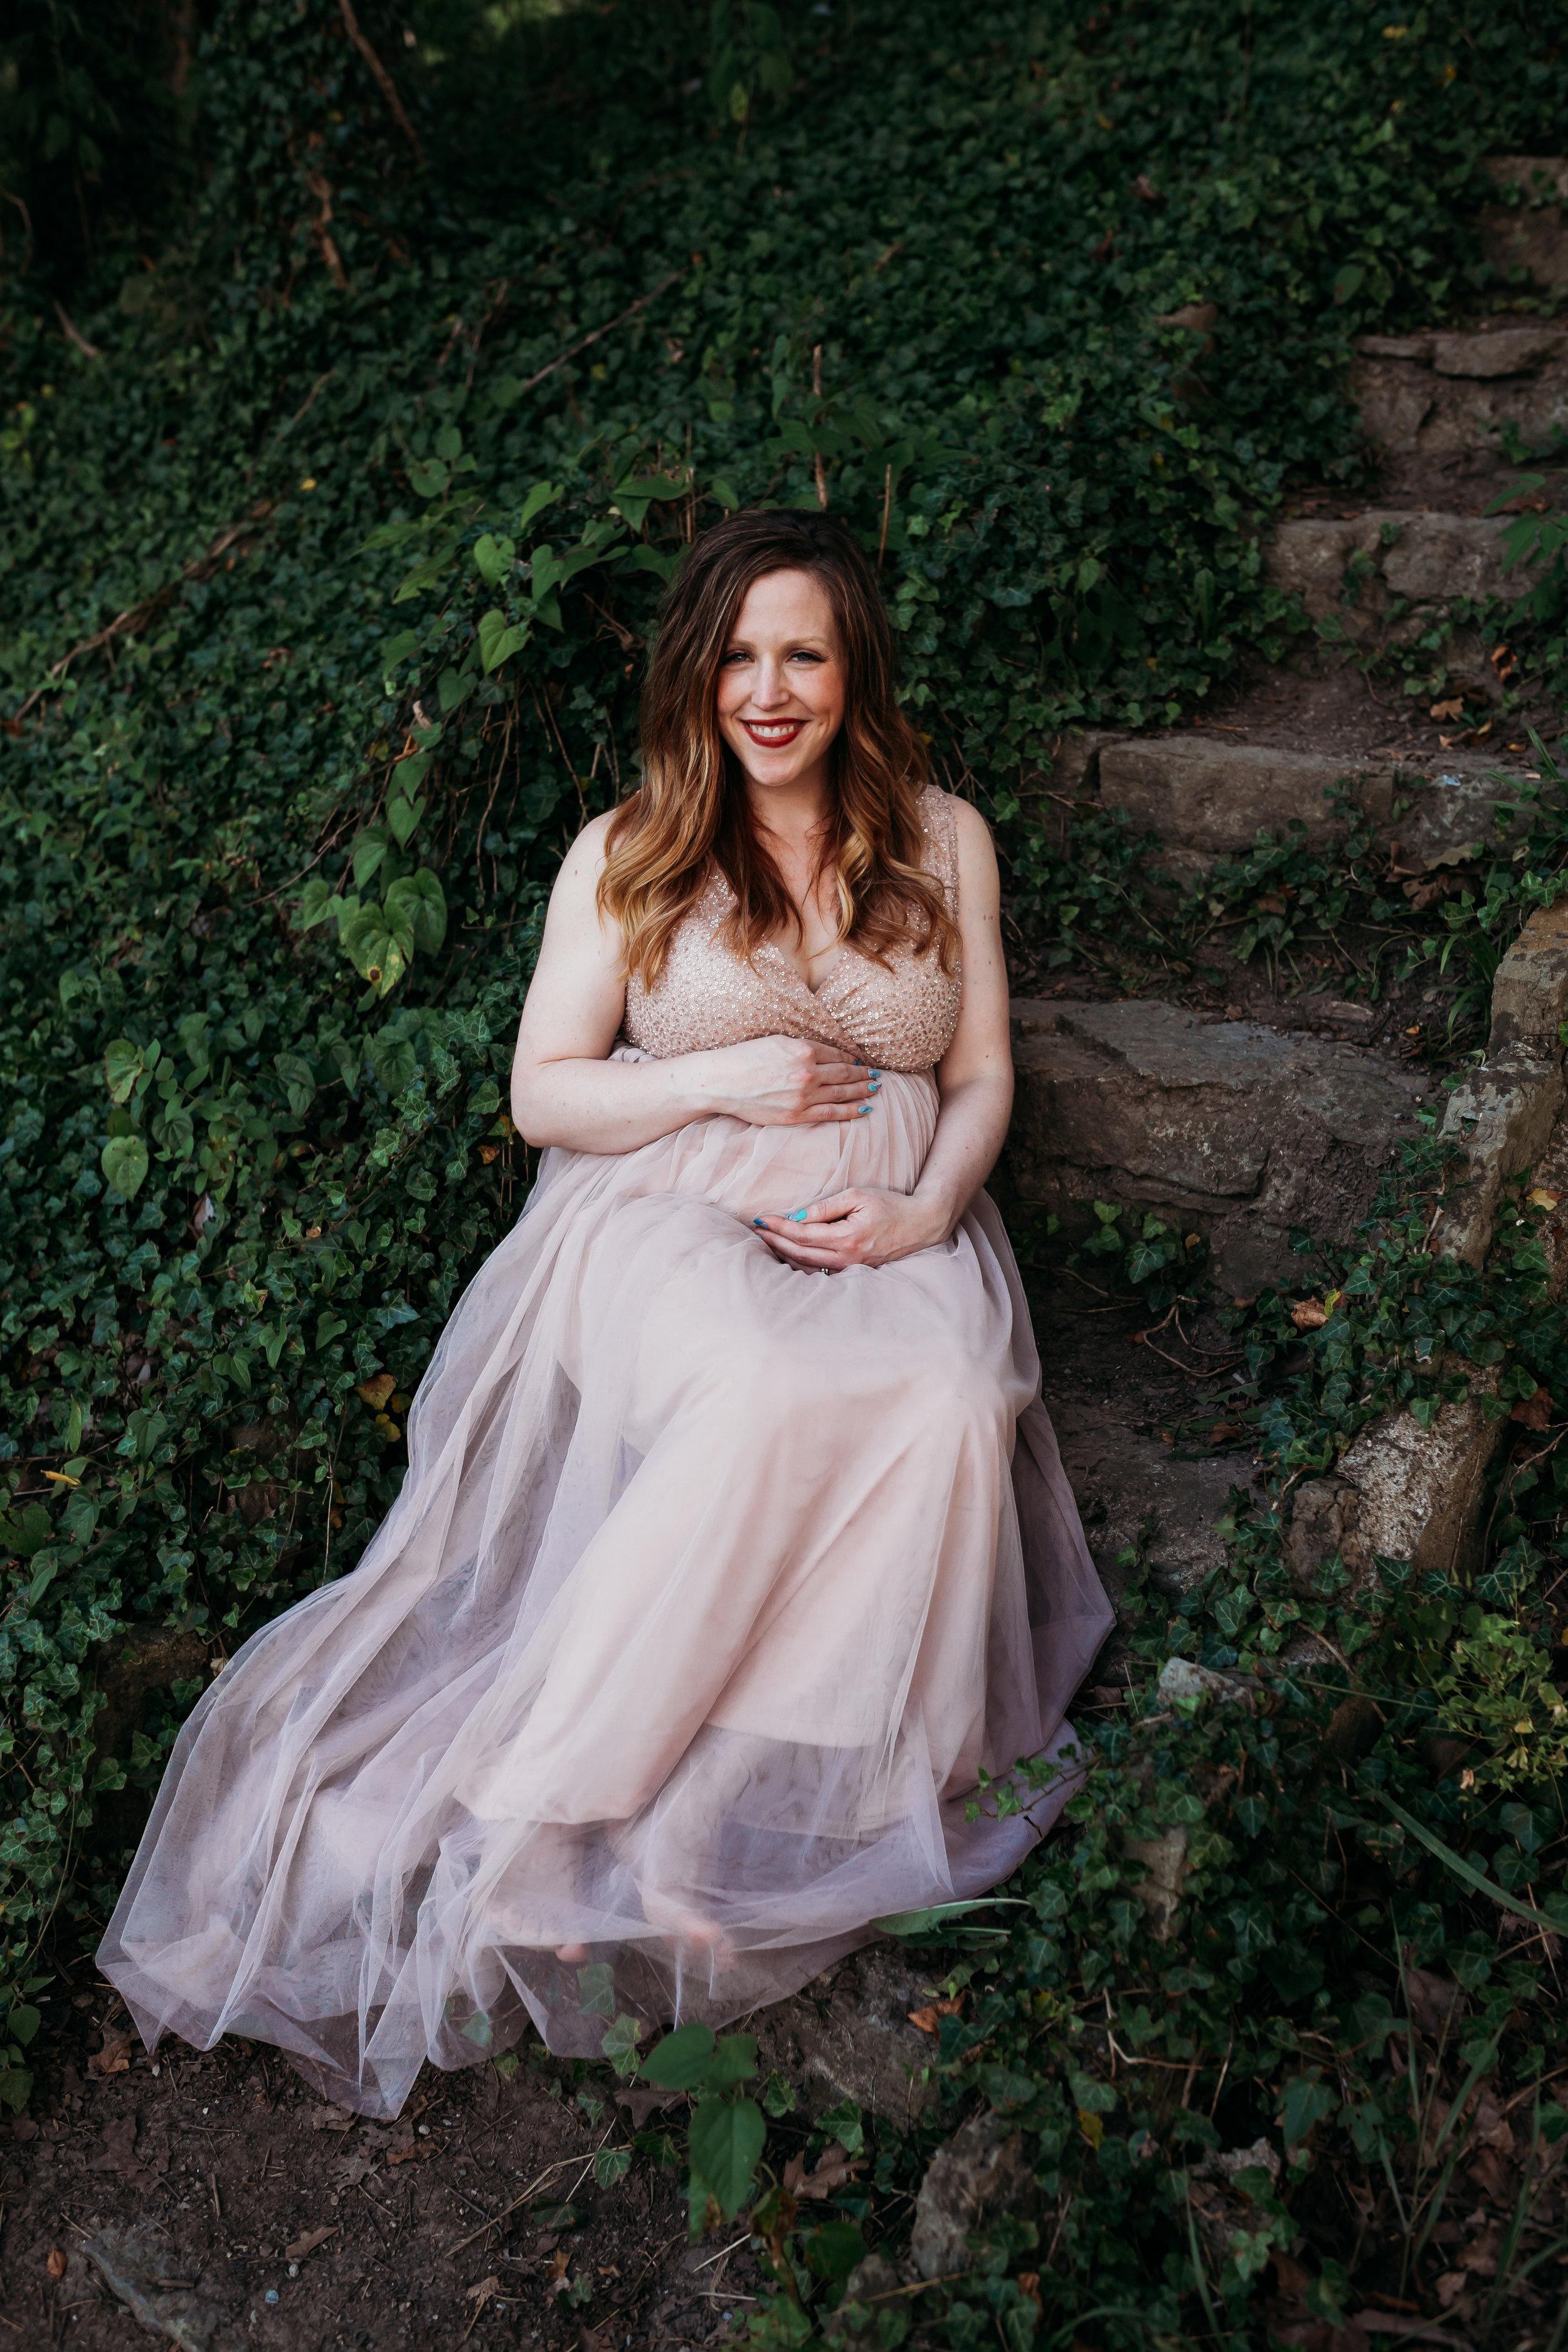 Lindsay_Morrison_Maternity66.jpg